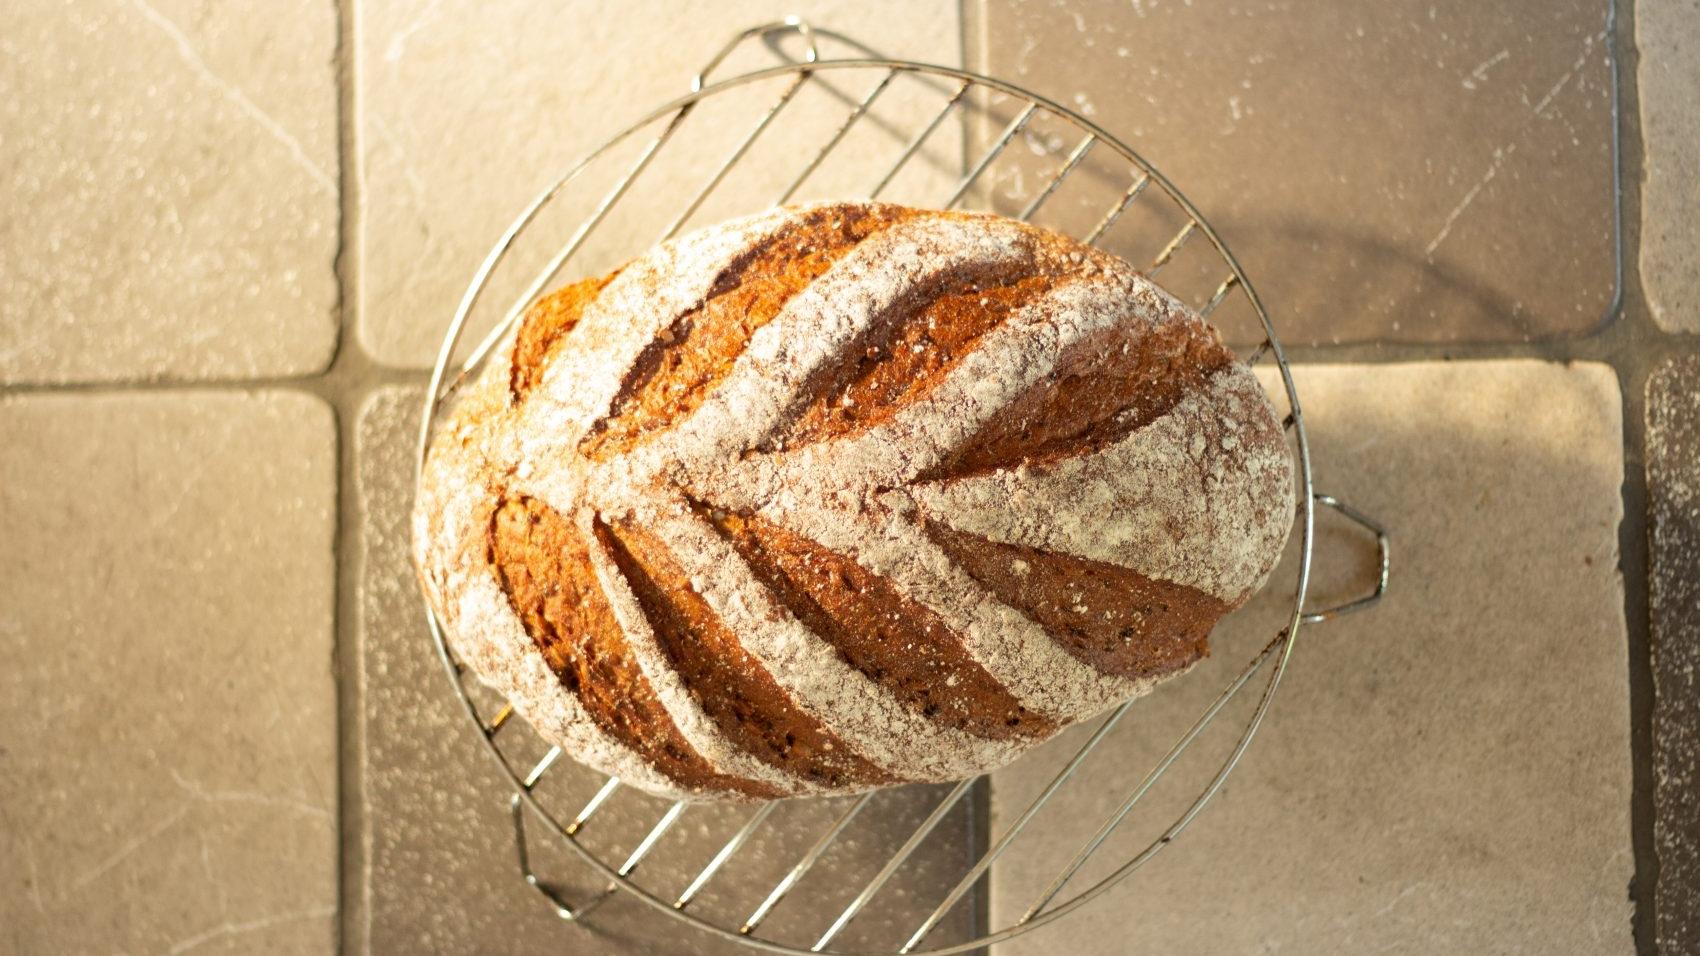 hoe bak je een brood?